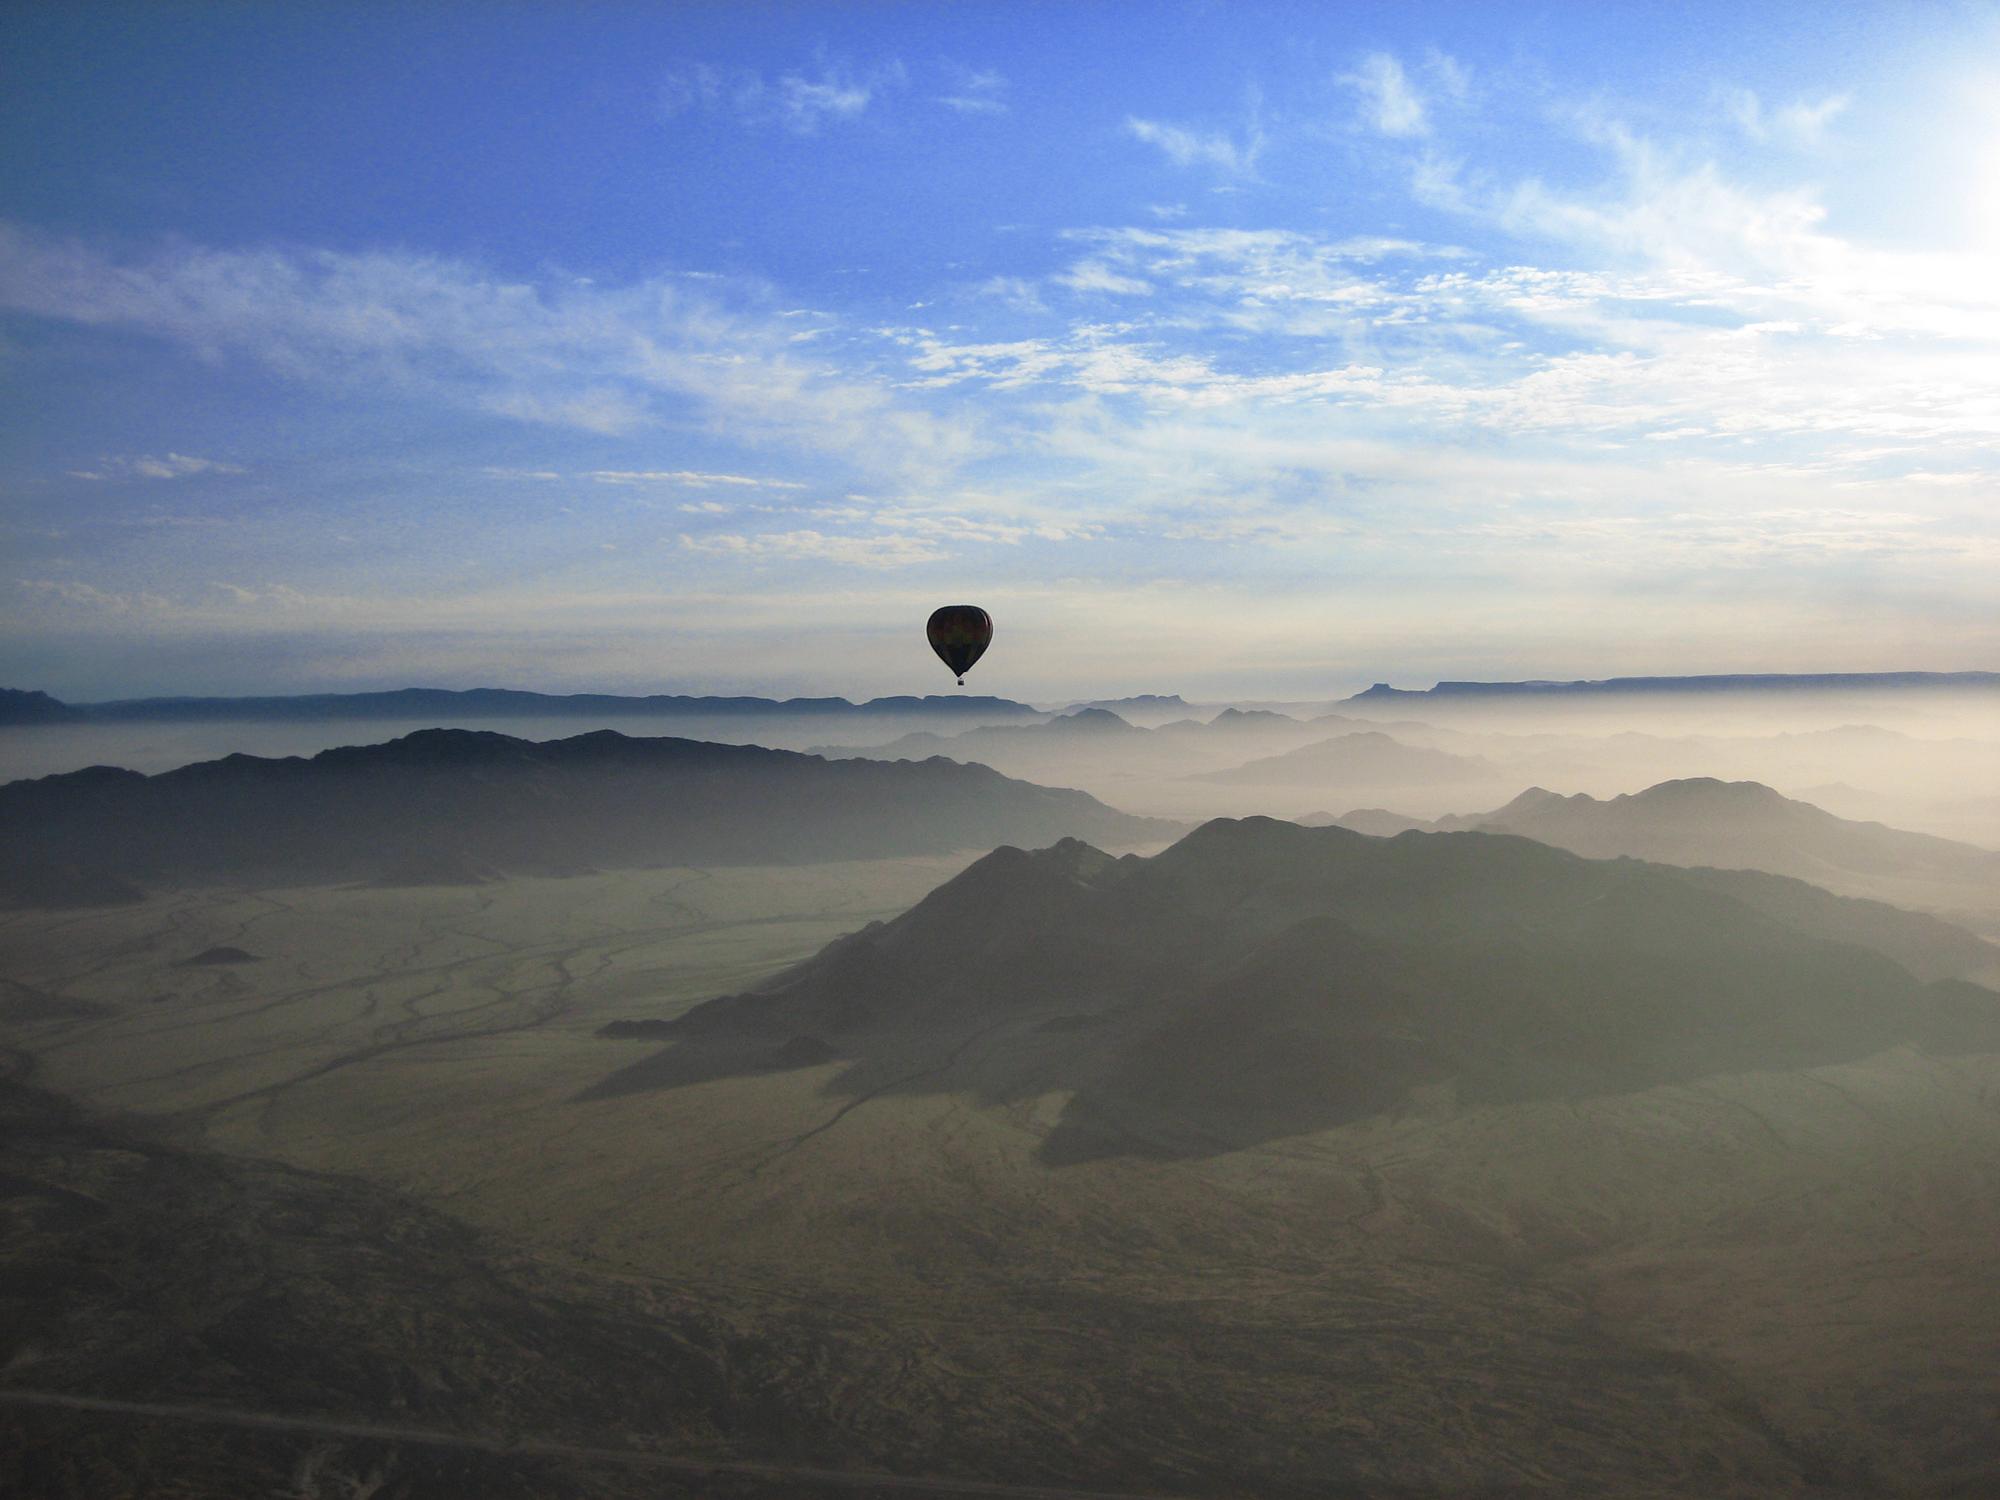 namib-sky-balloon-safaris-5-5